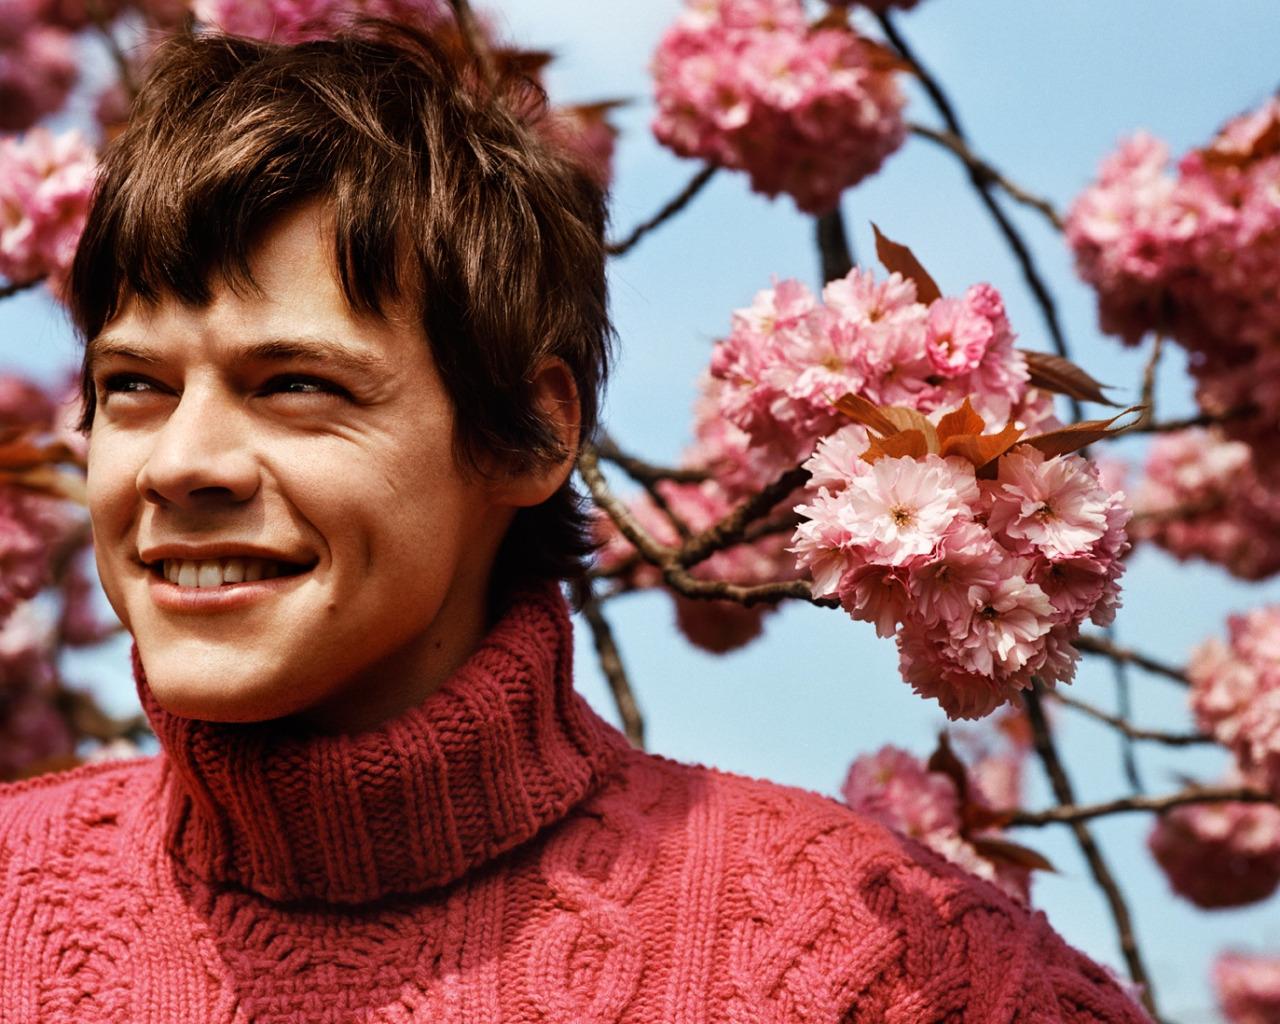 Imagem linda do Harry Styles em fundo de rosas.